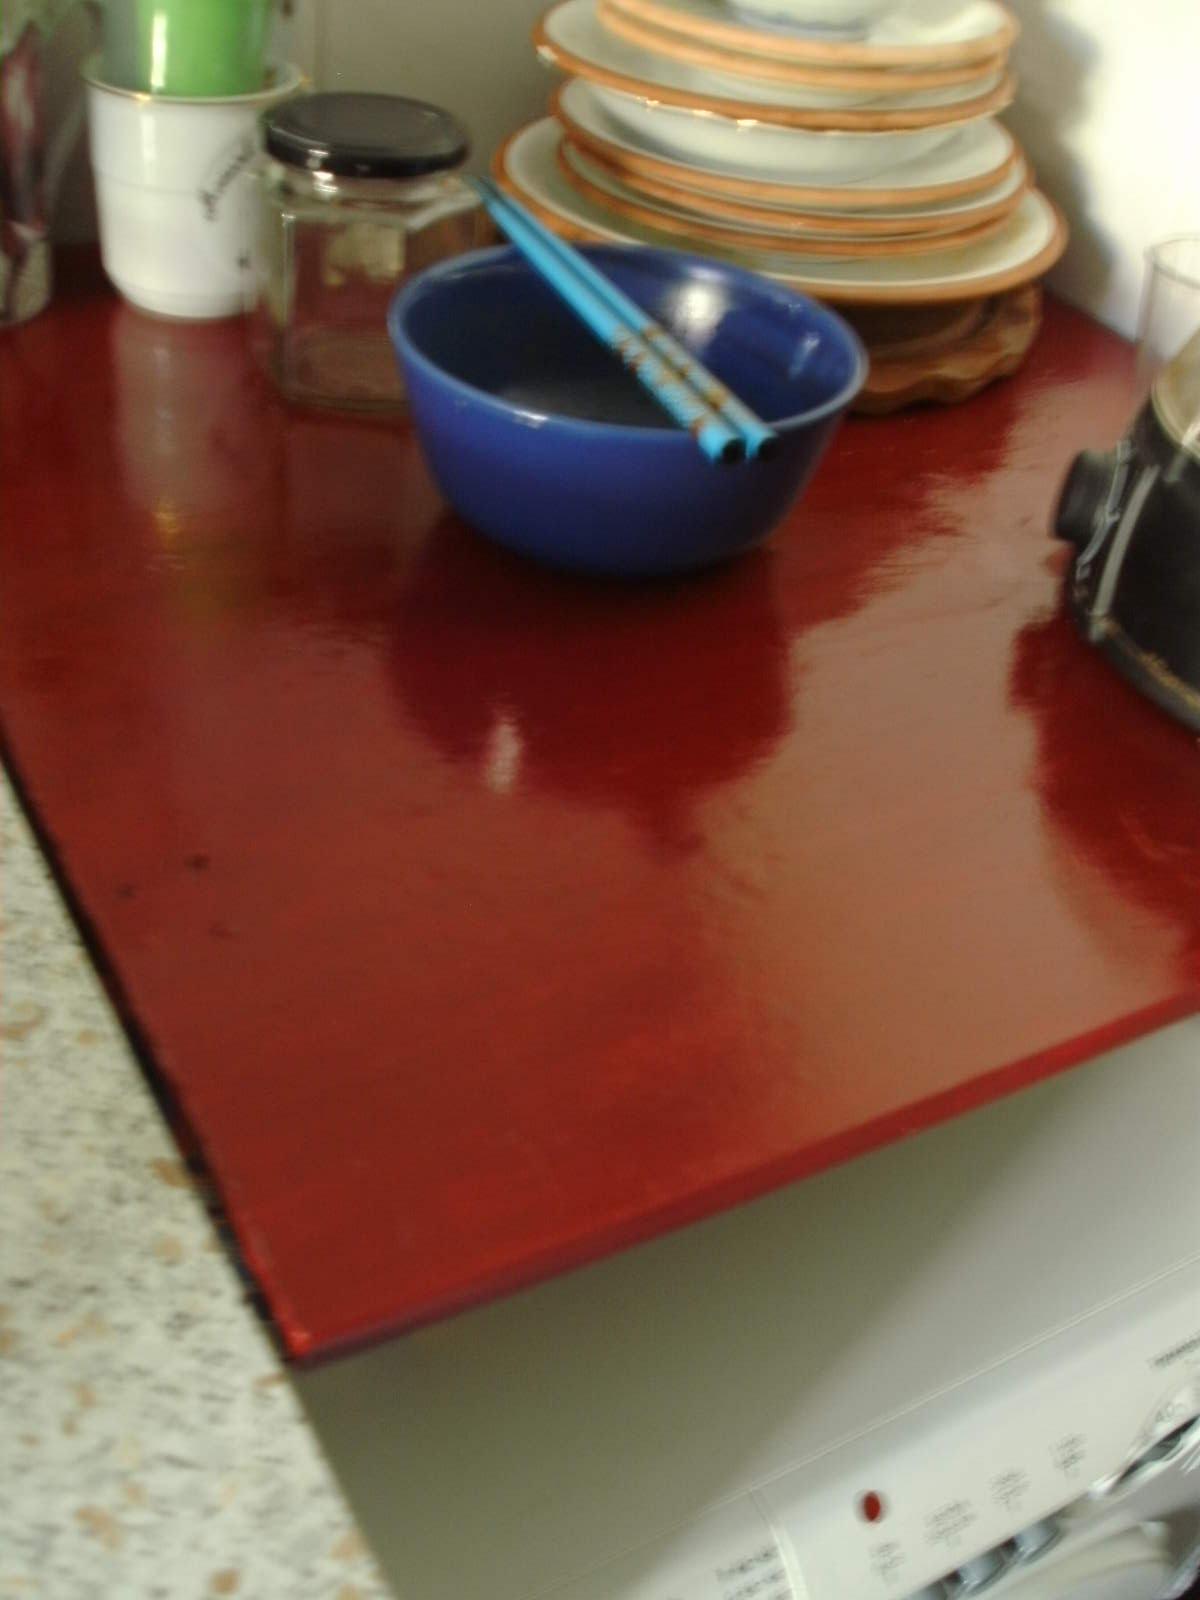 Gomizugami-Sama: ROOOOT werden all unsere Küchenschränke XD